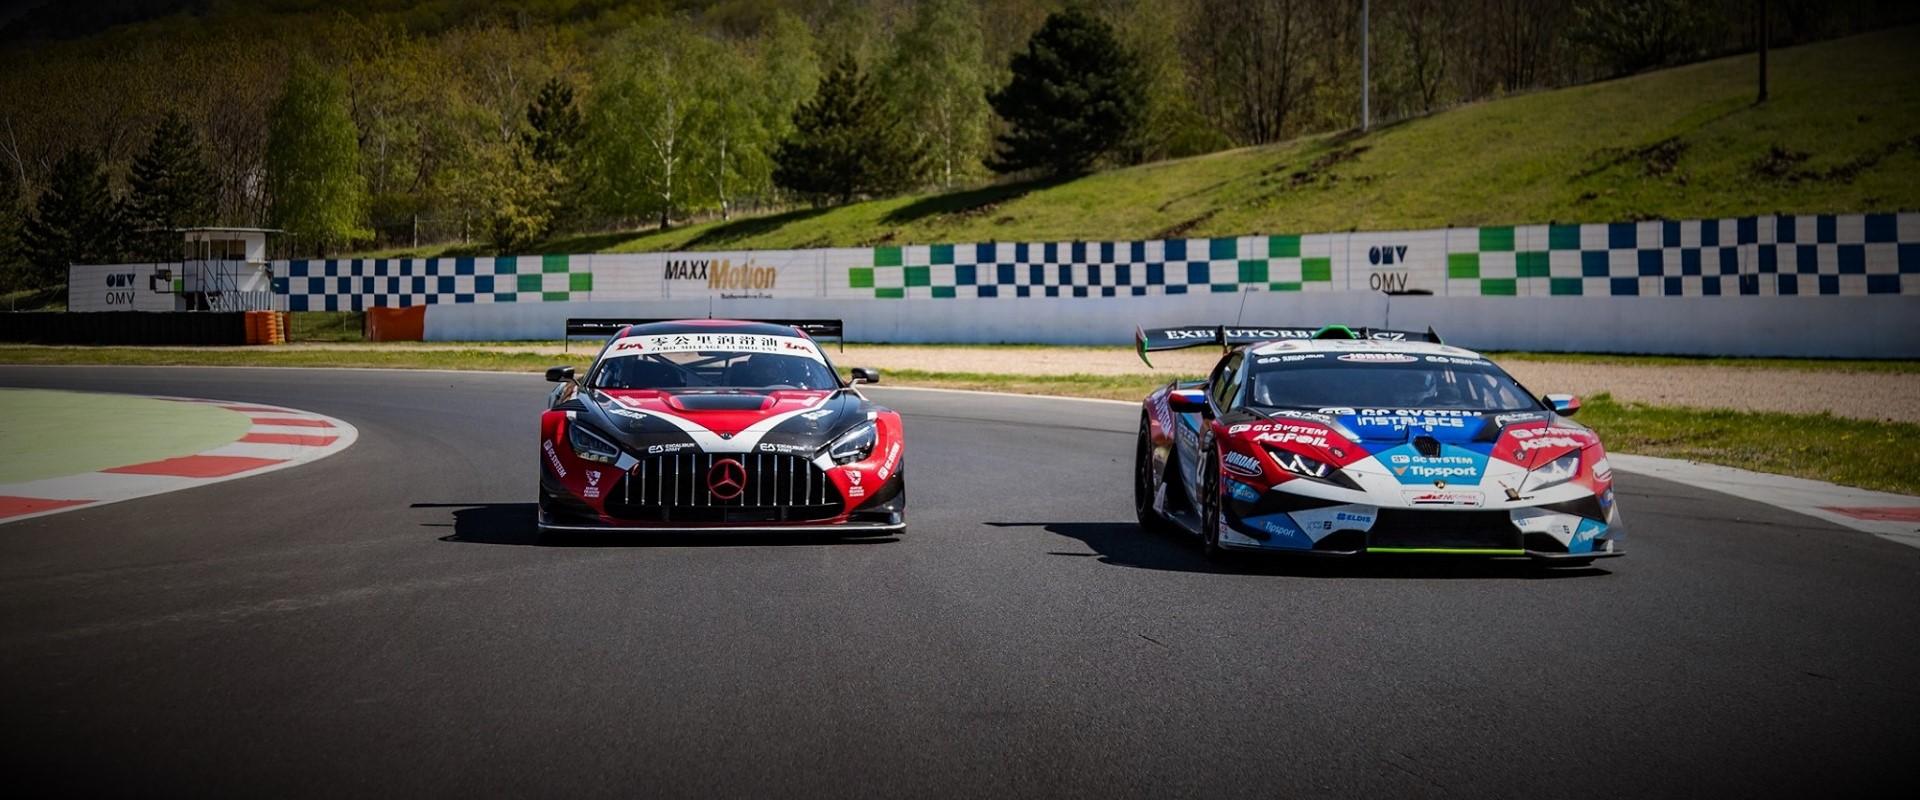 Mičánek v pořadu Rychlá kola poháněný Buggyrou. Sledujte Nova Sport!